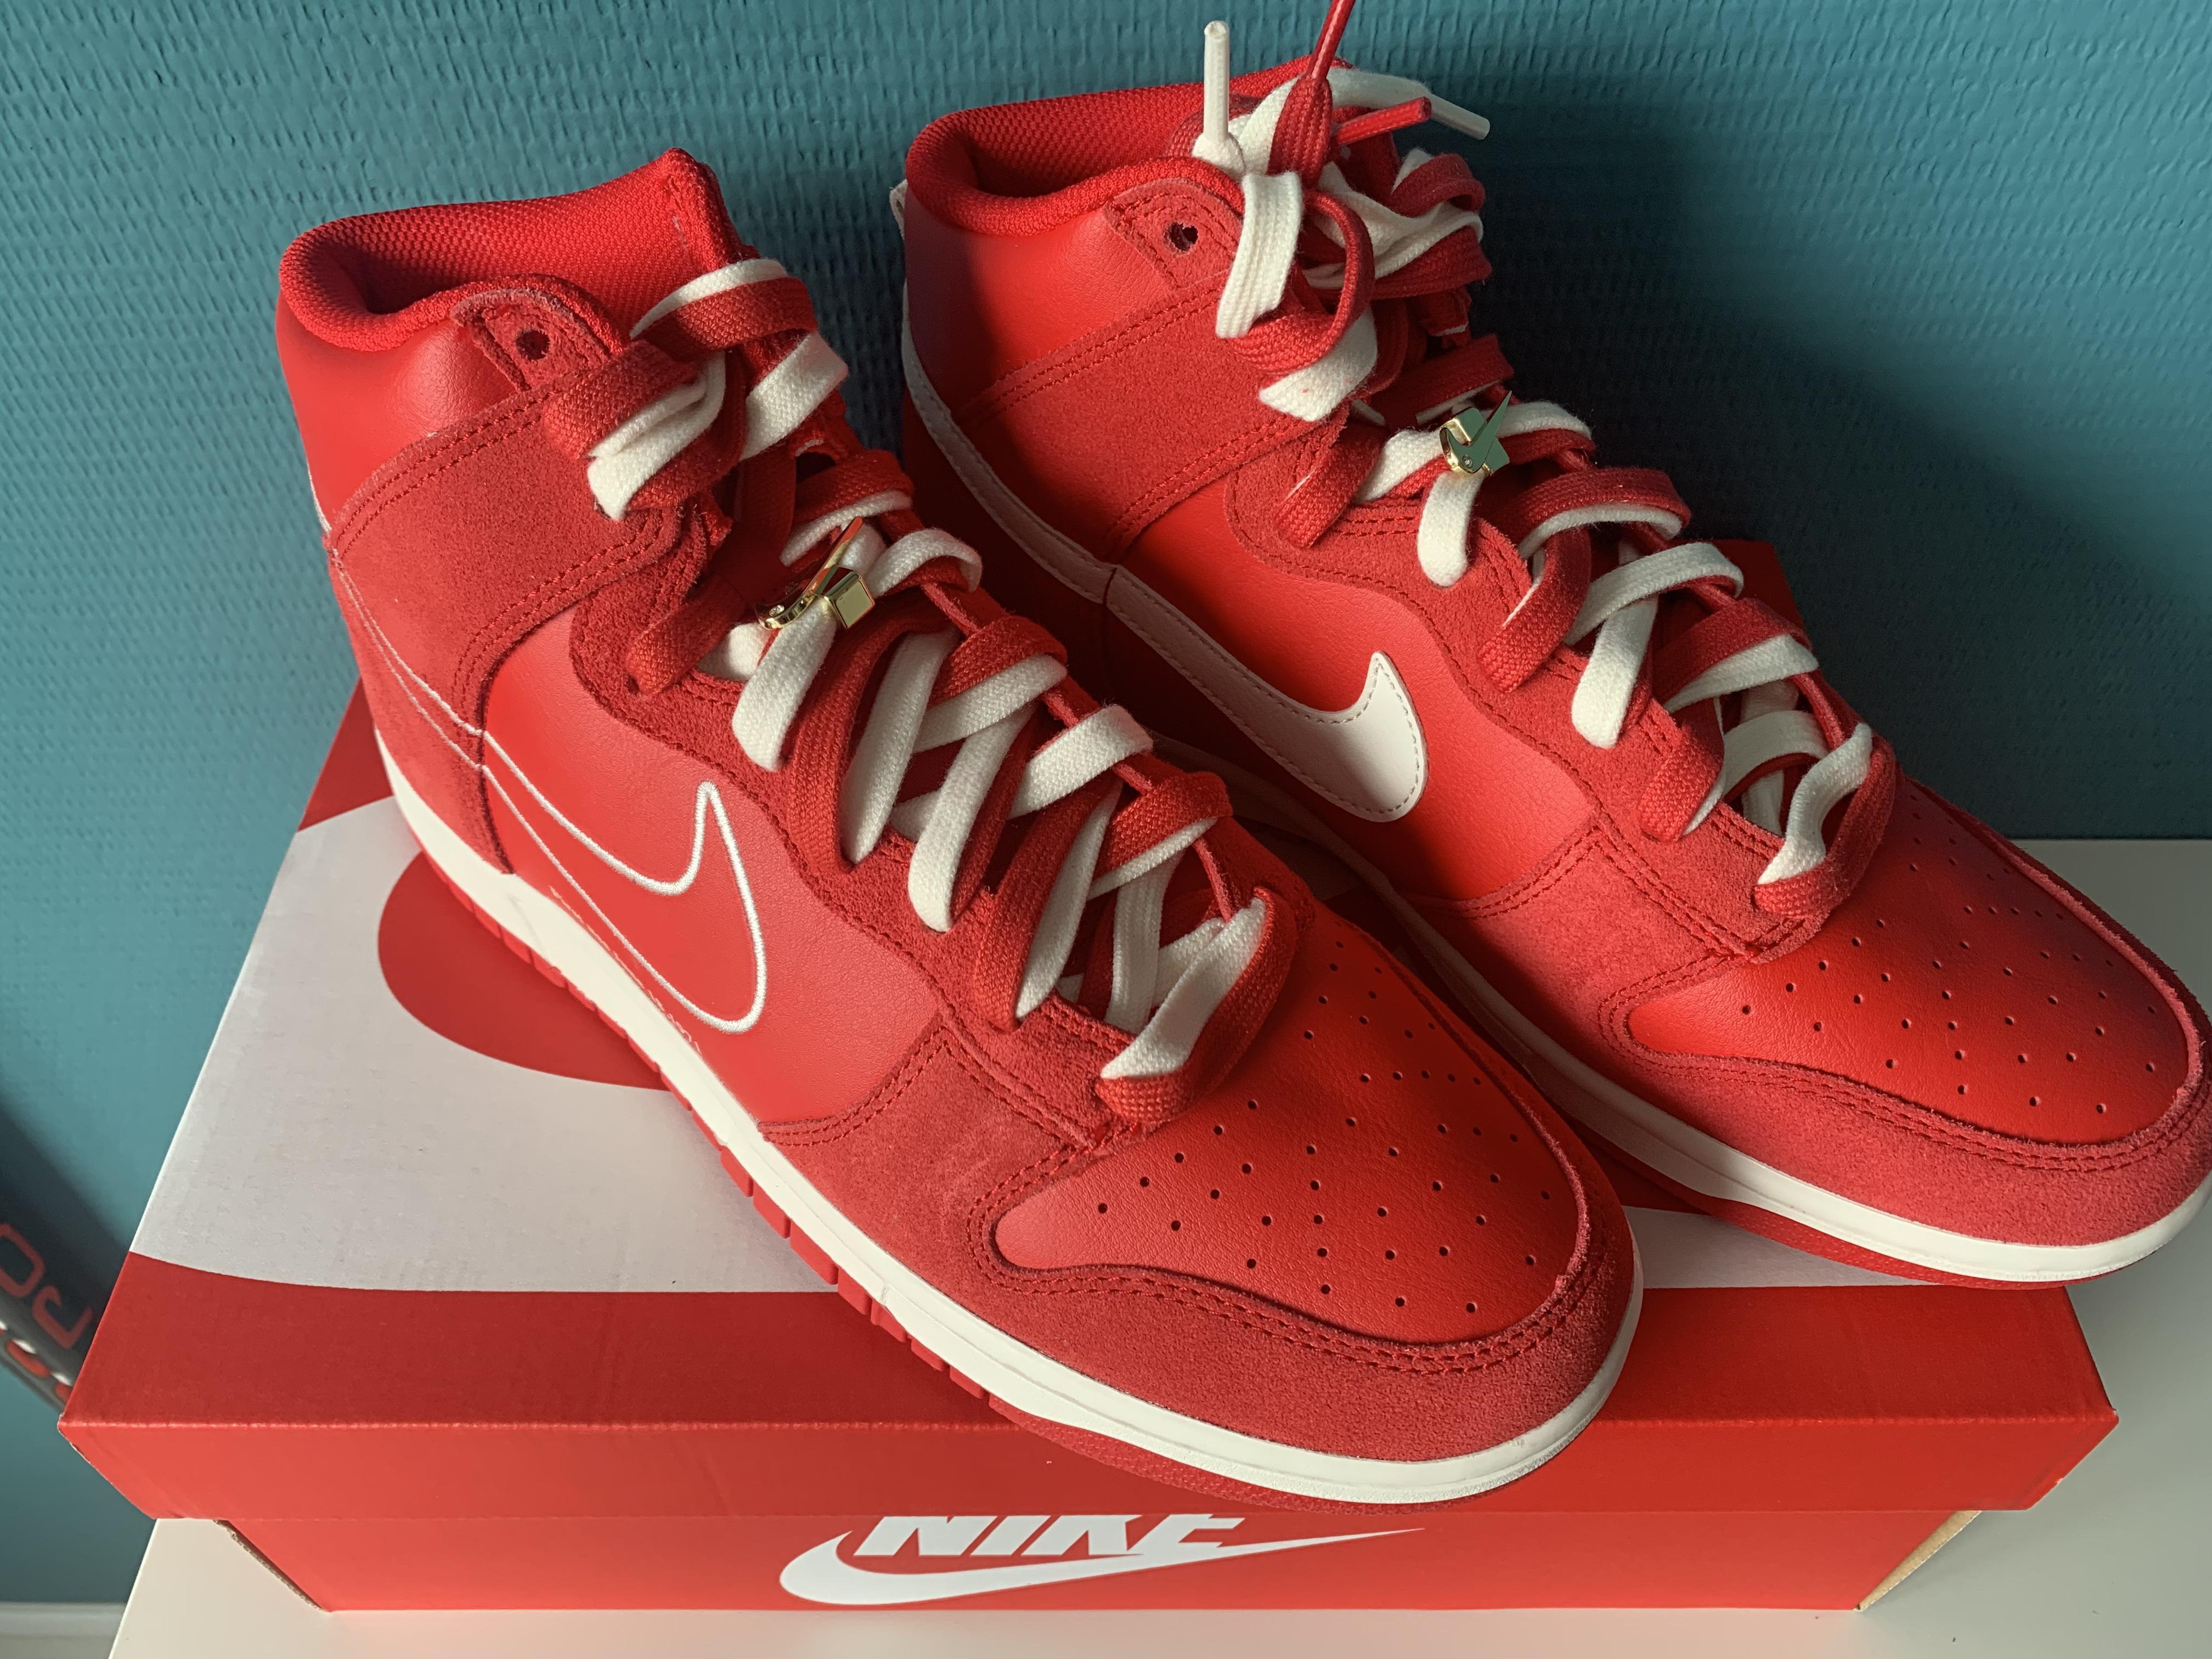 Nike - $155 - Size 44